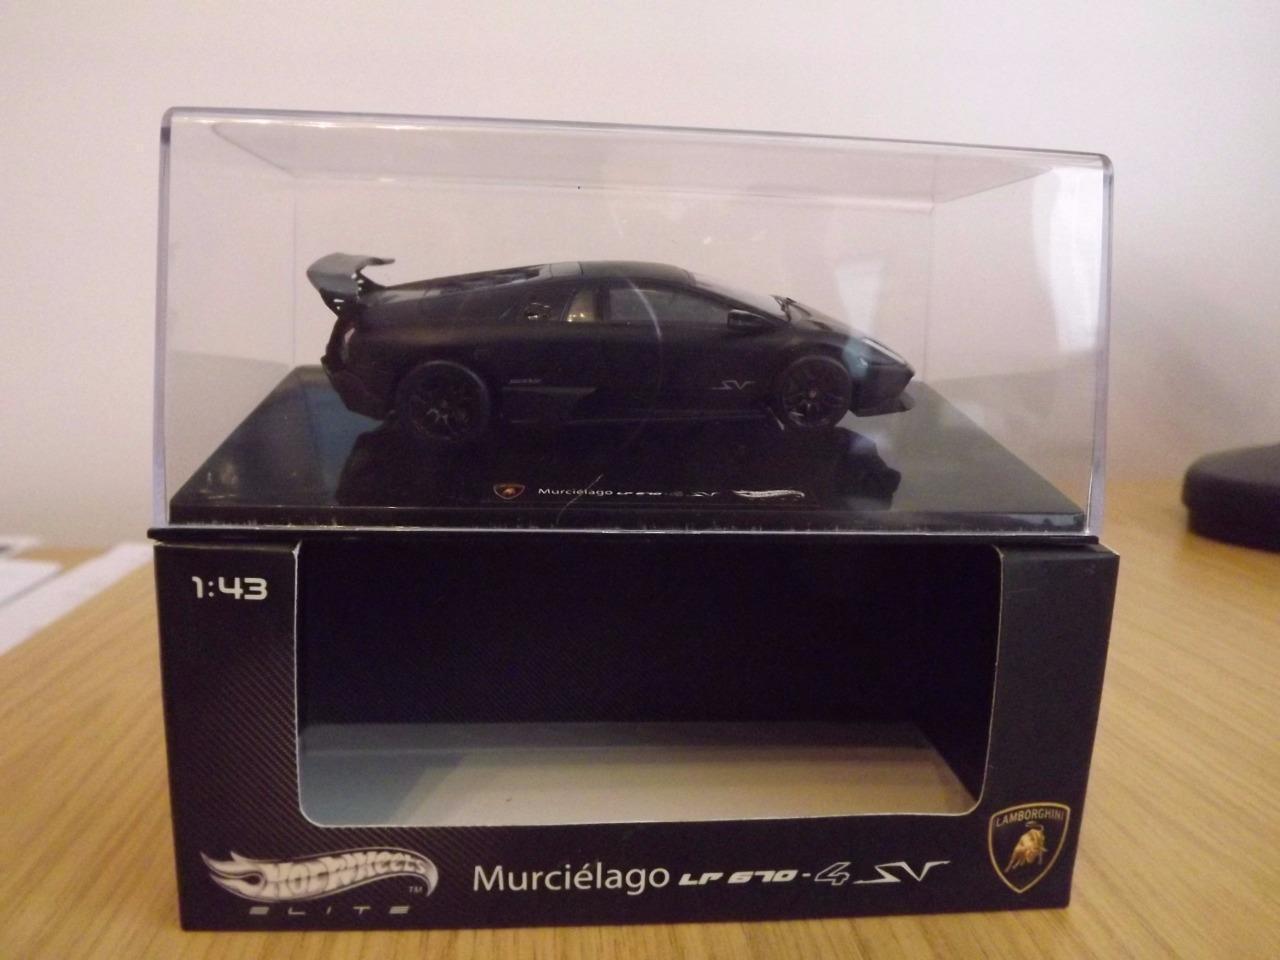 Wa113 Wa113 Wa113  Hot Wheels Elite 1 43 Lamborghini Murcielago LP 670 - 4 SV T6936 MIB 272aa0